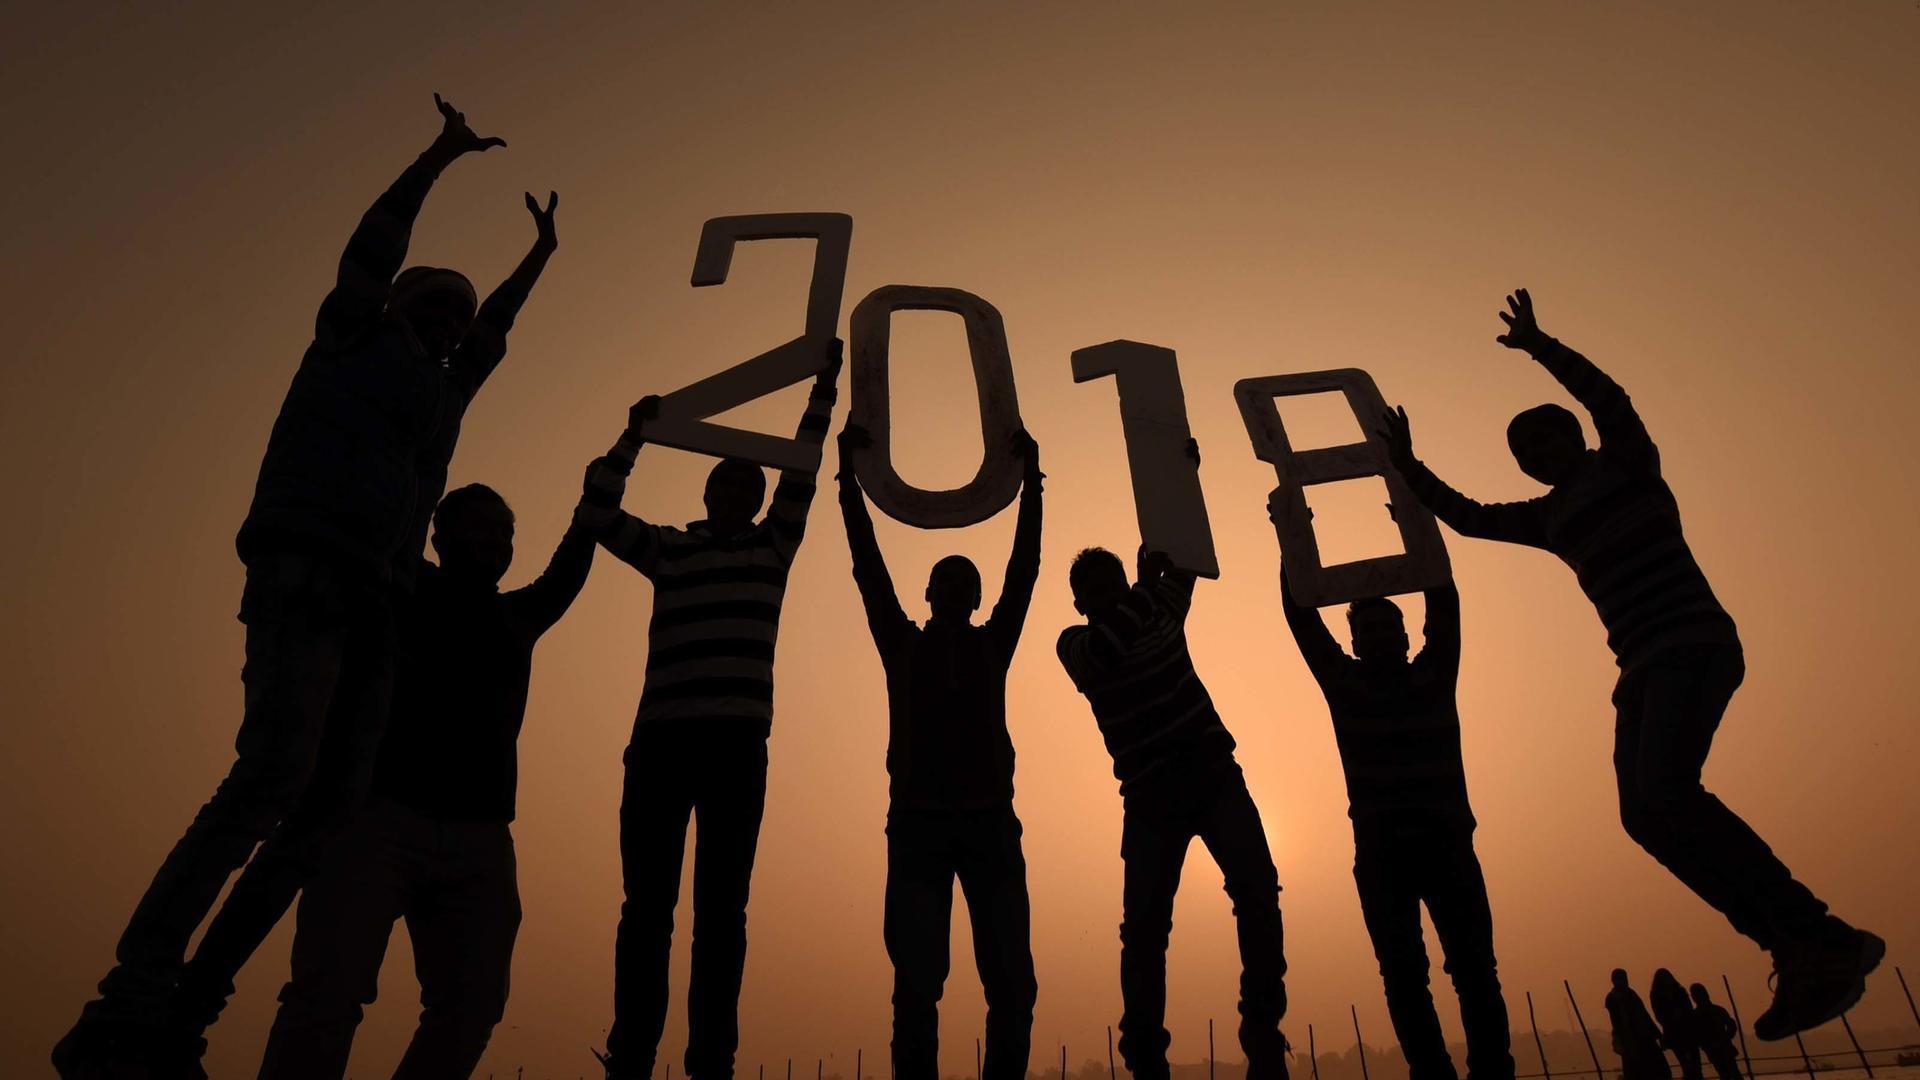 Neujahr rund um den Globus: Die Welt begrüßt 2018 - ZDFmediathek